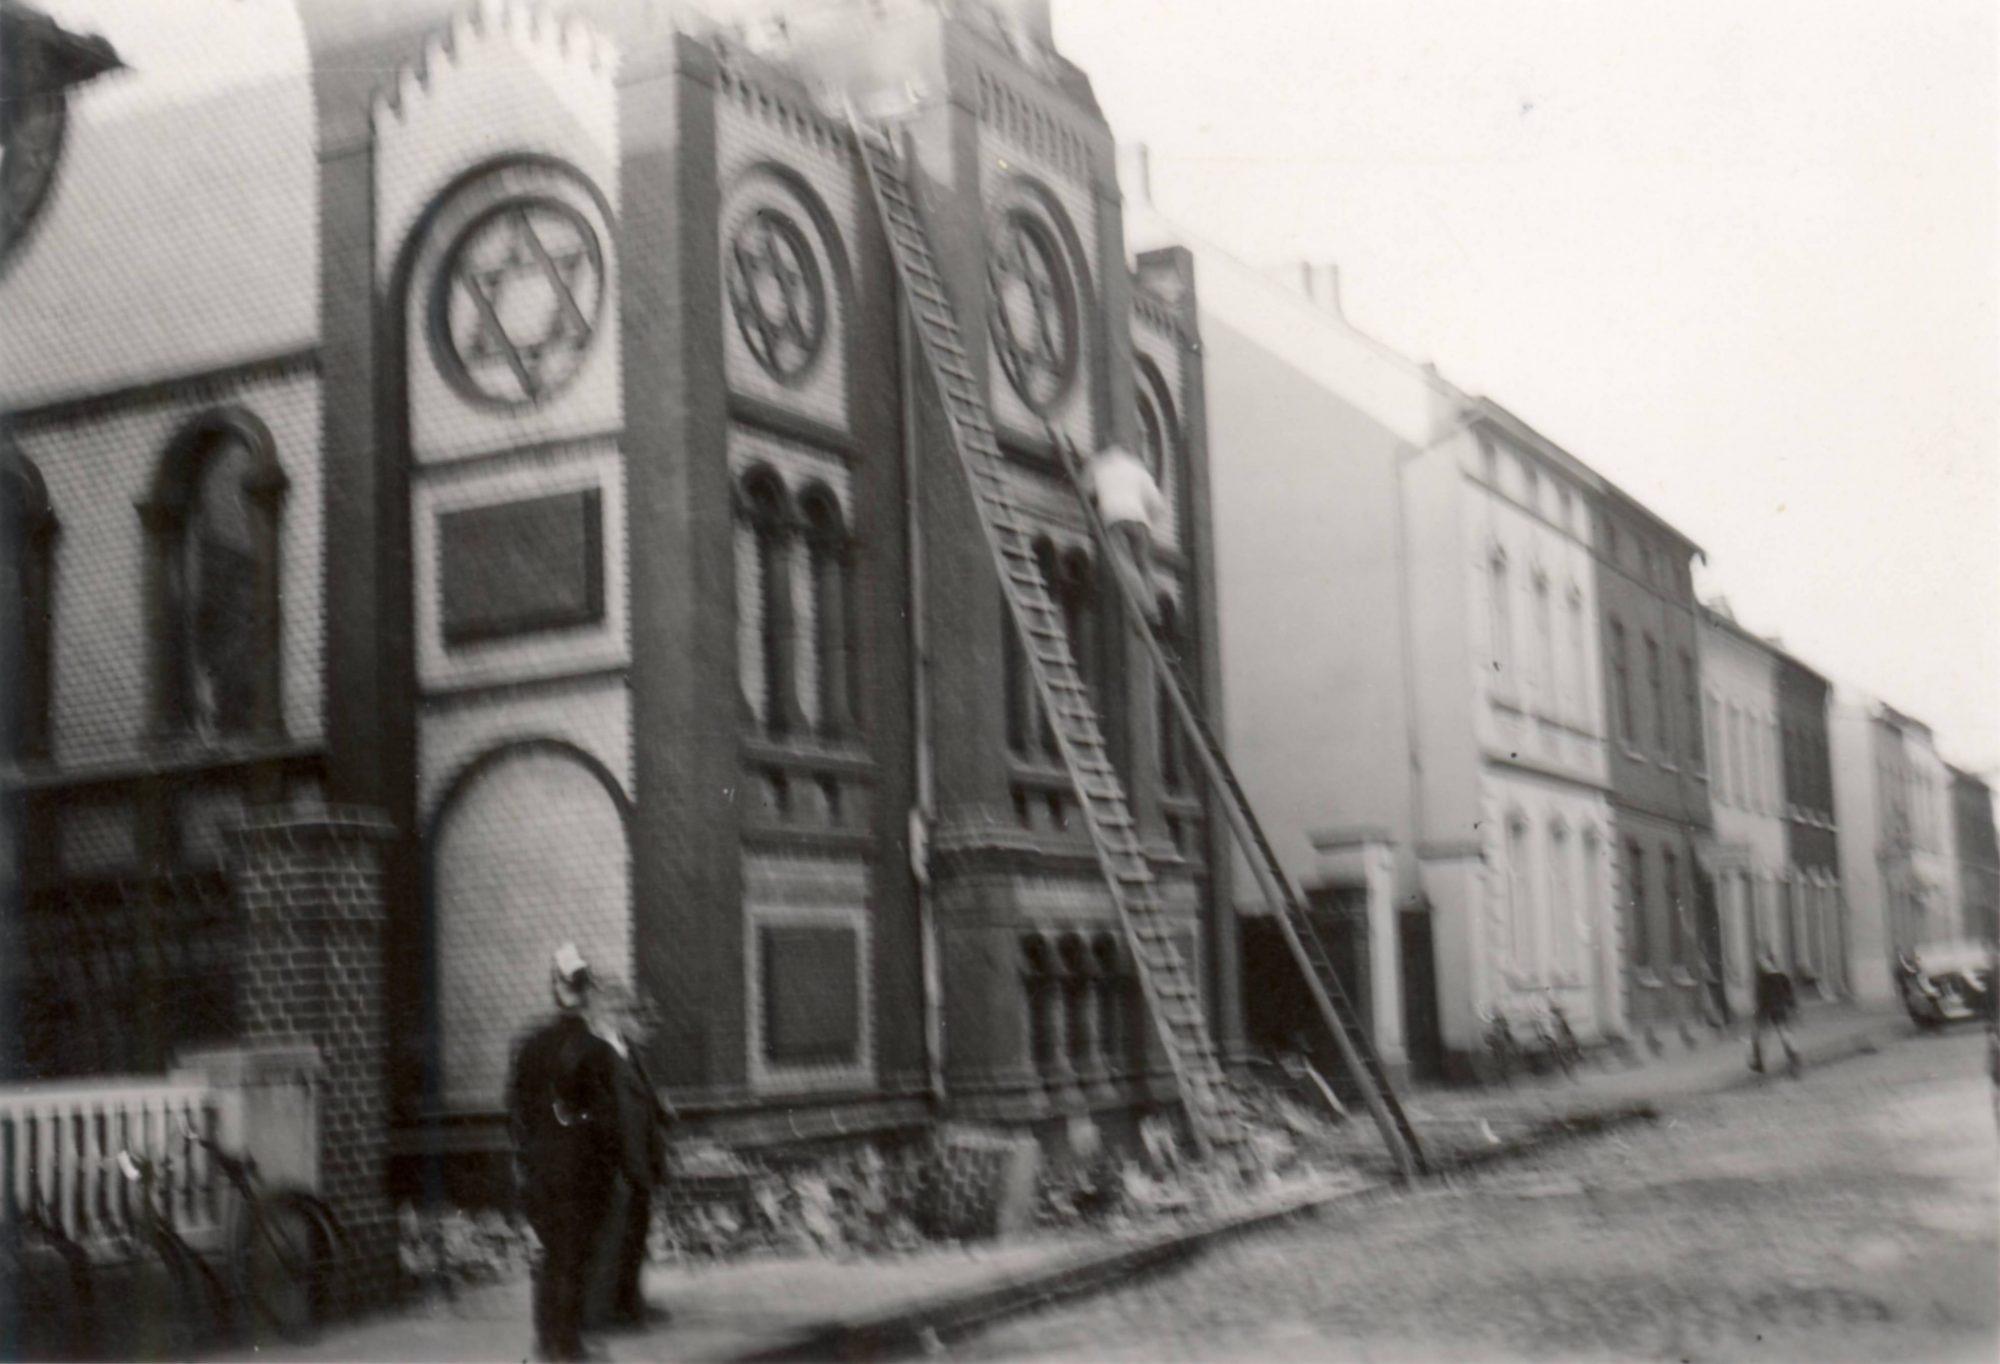 Kontrolle der Arbeiten am zerstörten Gebäude.